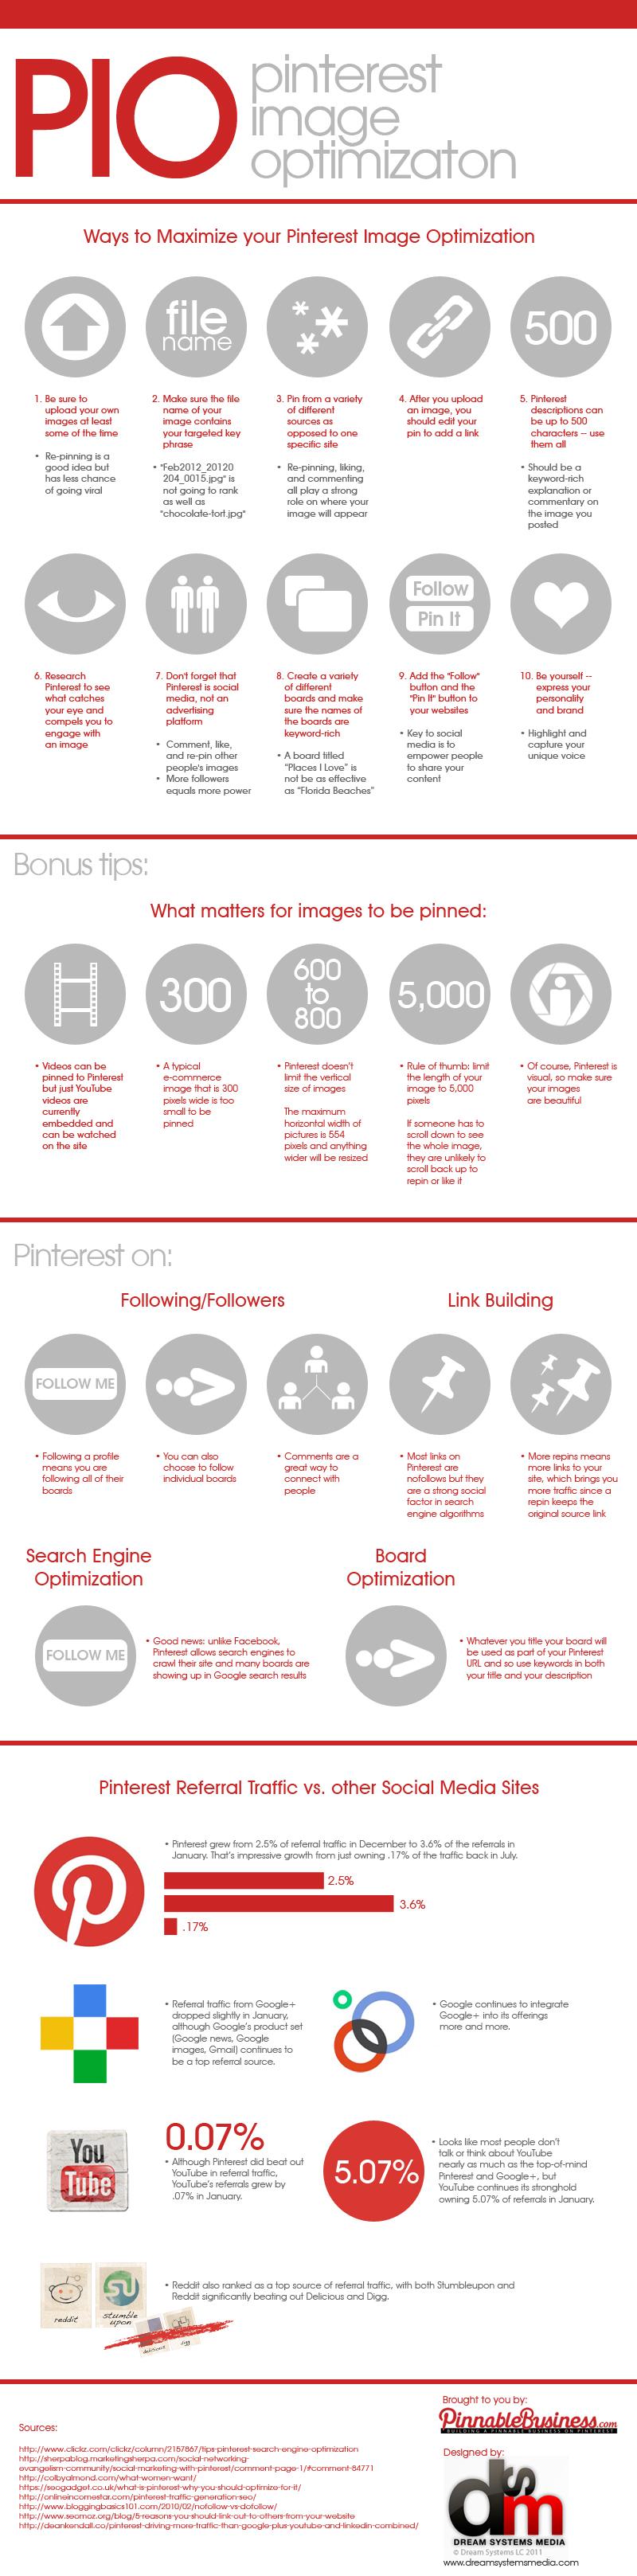 Cómo conseguir más éxito en Pinterest